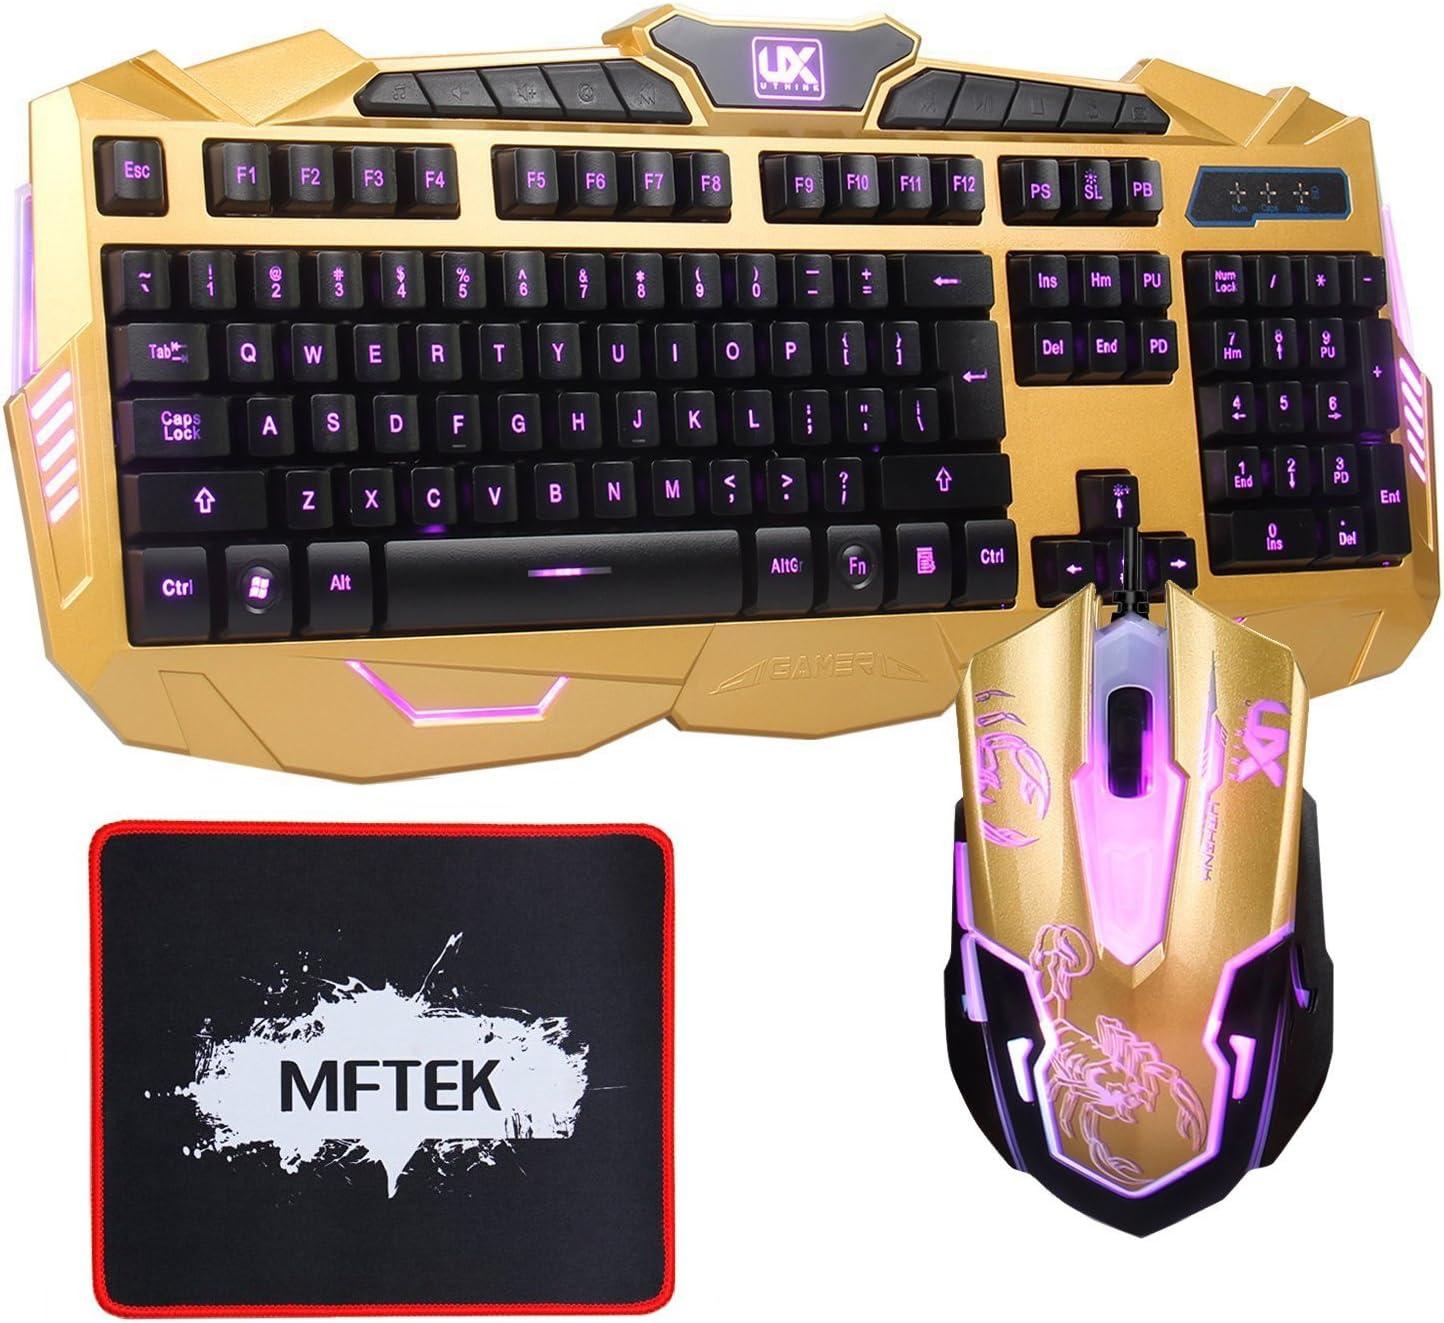 MFTEK USB LED Rojo/Azul /Púrpura Ajustable Design luminosa Gaming Teclado y ratón iluminada para el ordenador portátil de escritorio Gamers Trabajar ...